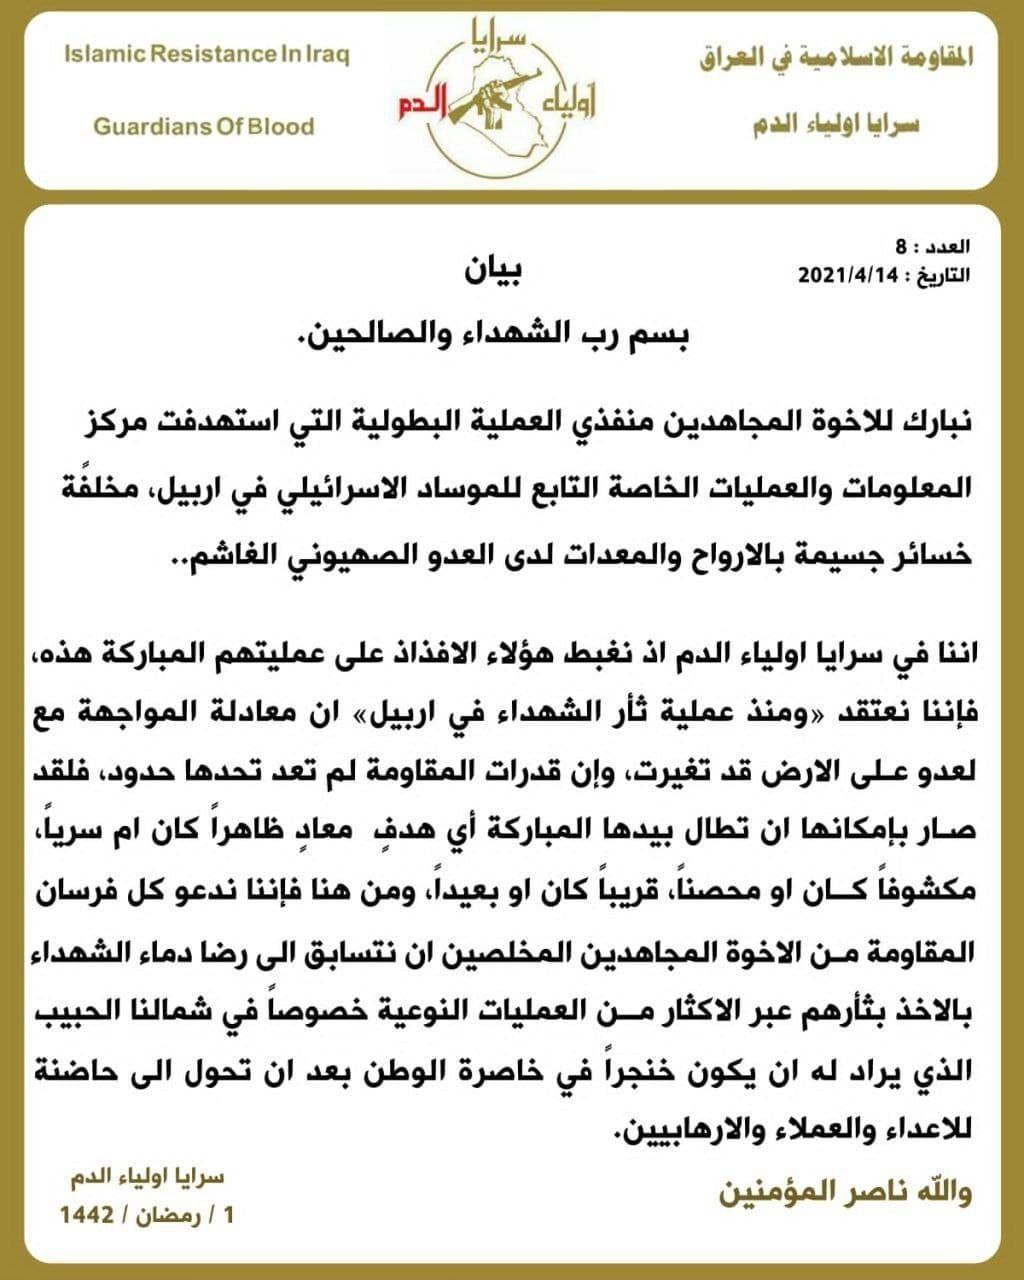 «سرایا اولیا الدم» مسئولیت عملیات علیه مرکز صهیونیستی در اربیل را برعهده گرفت